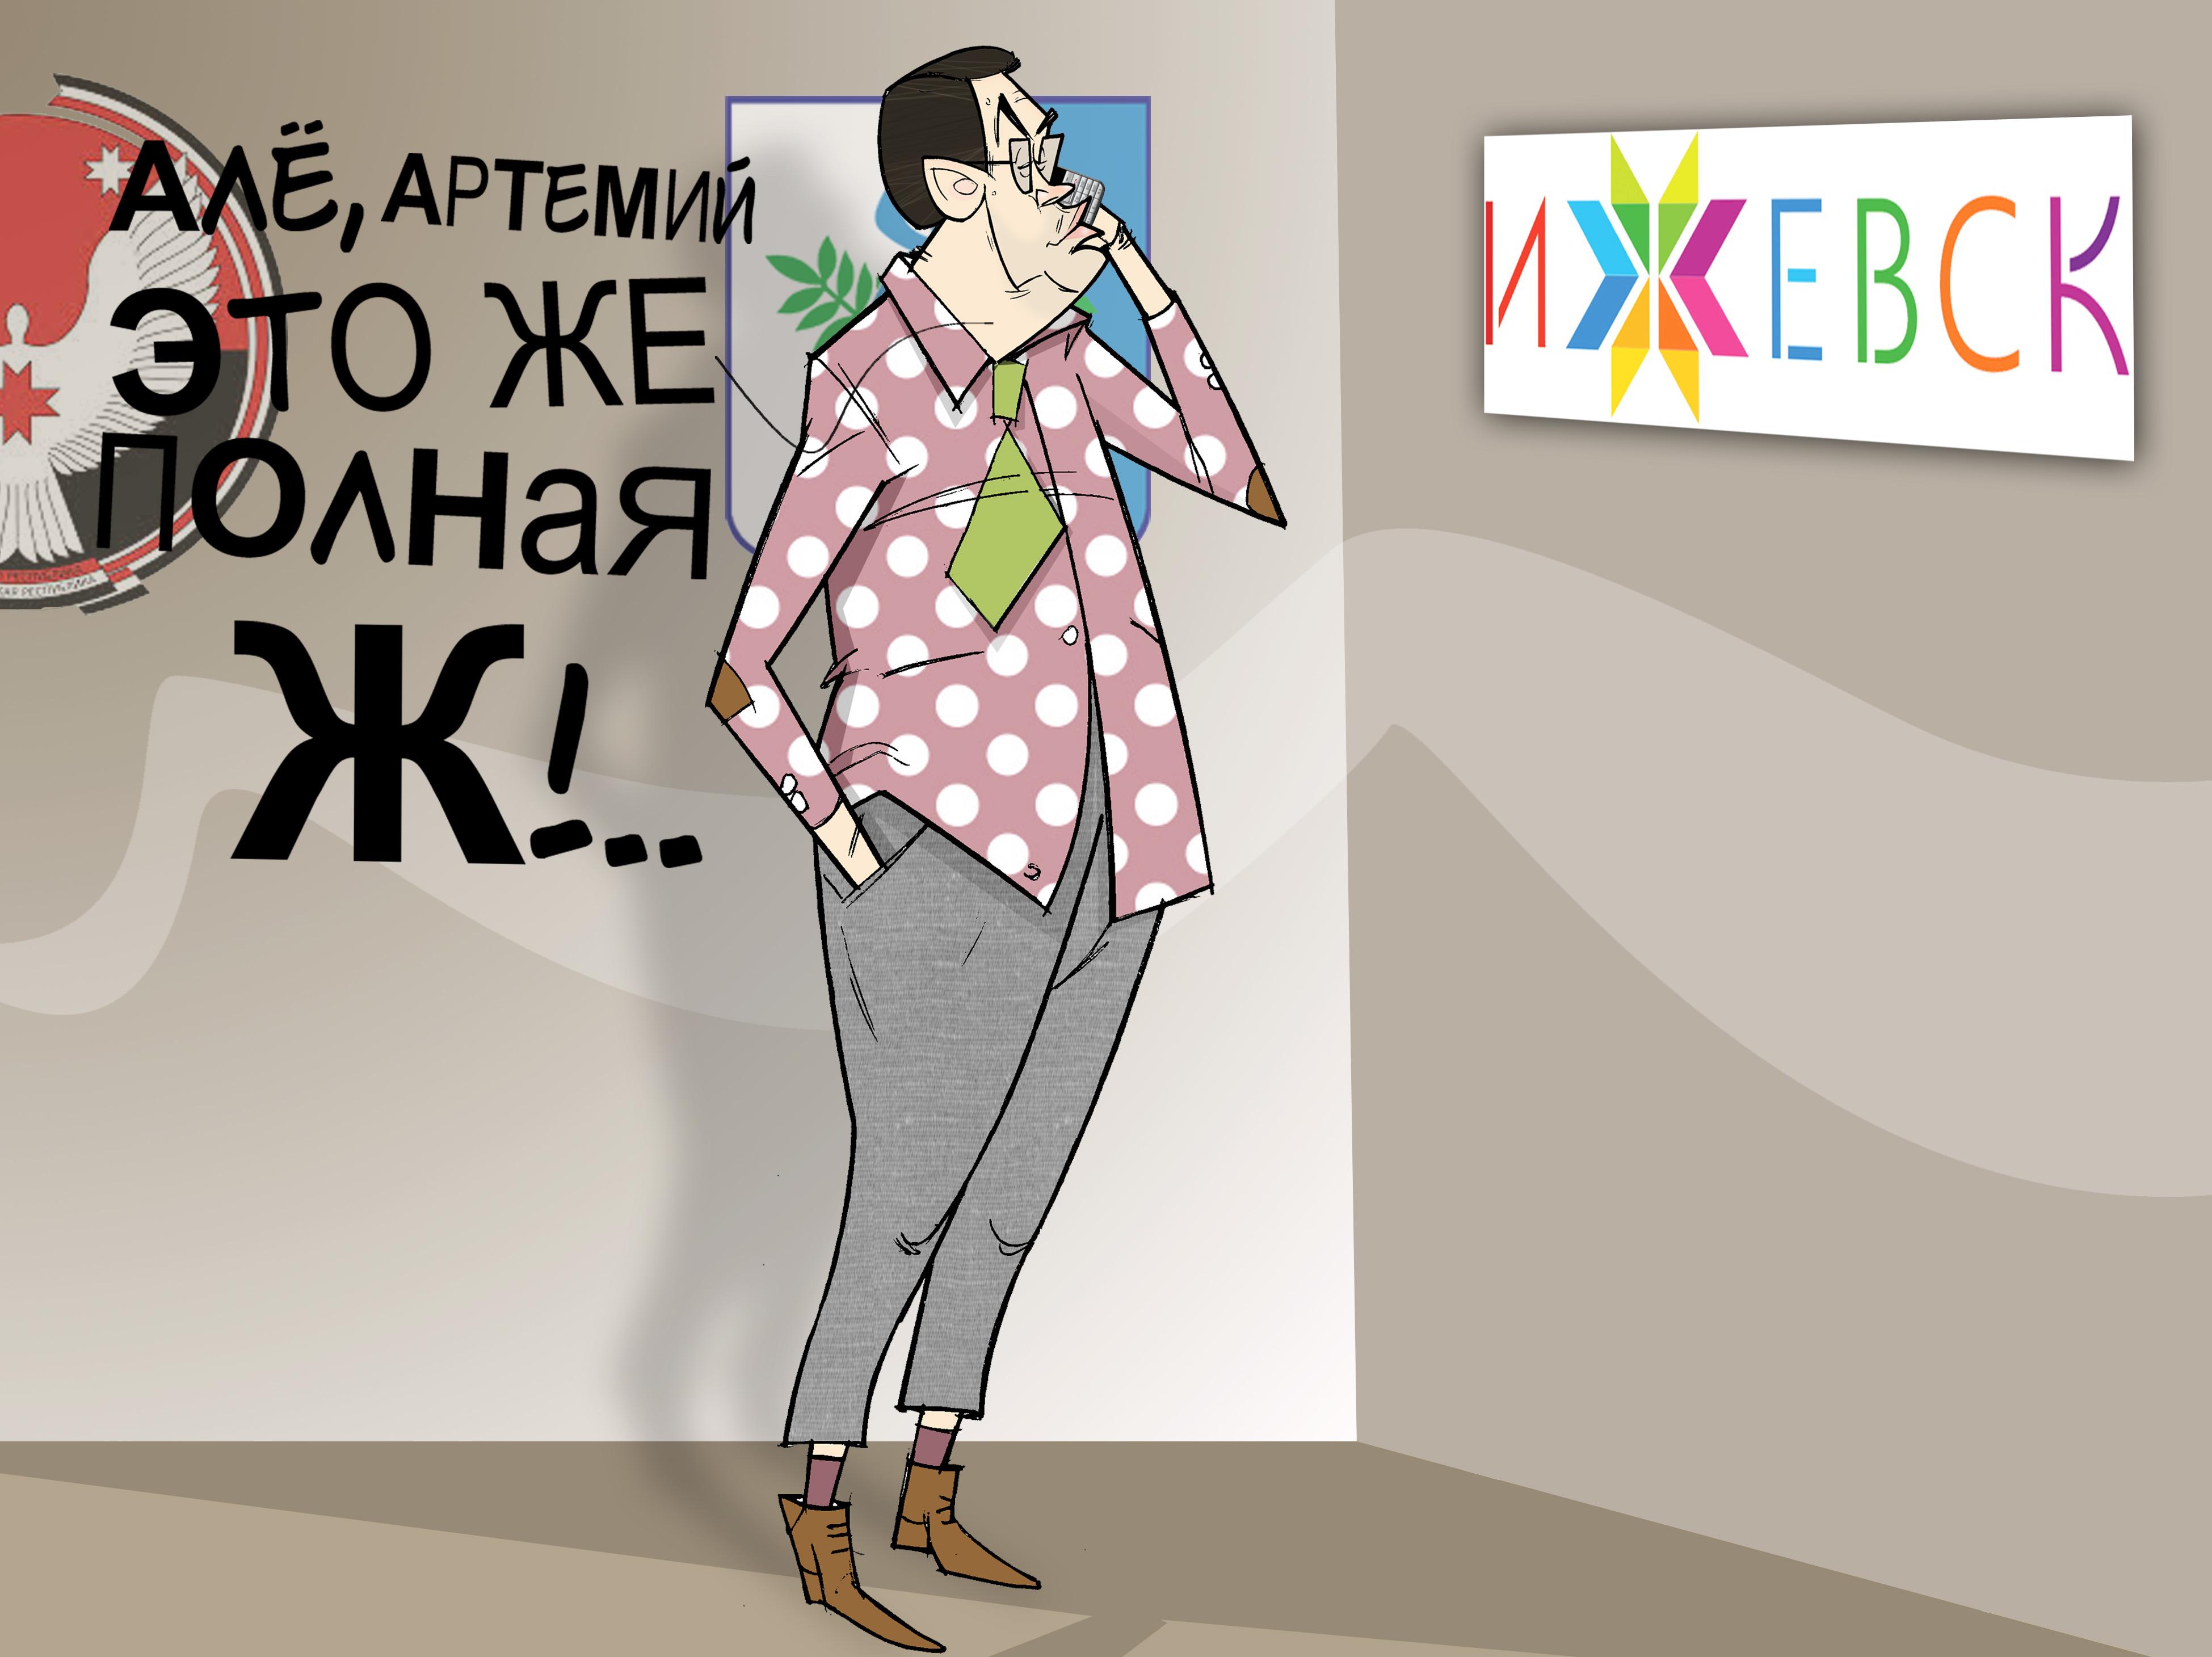 """Полная Ж. #Ижевск #СитиМенеджер #Агашин © Газета """"День"""" 2014"""